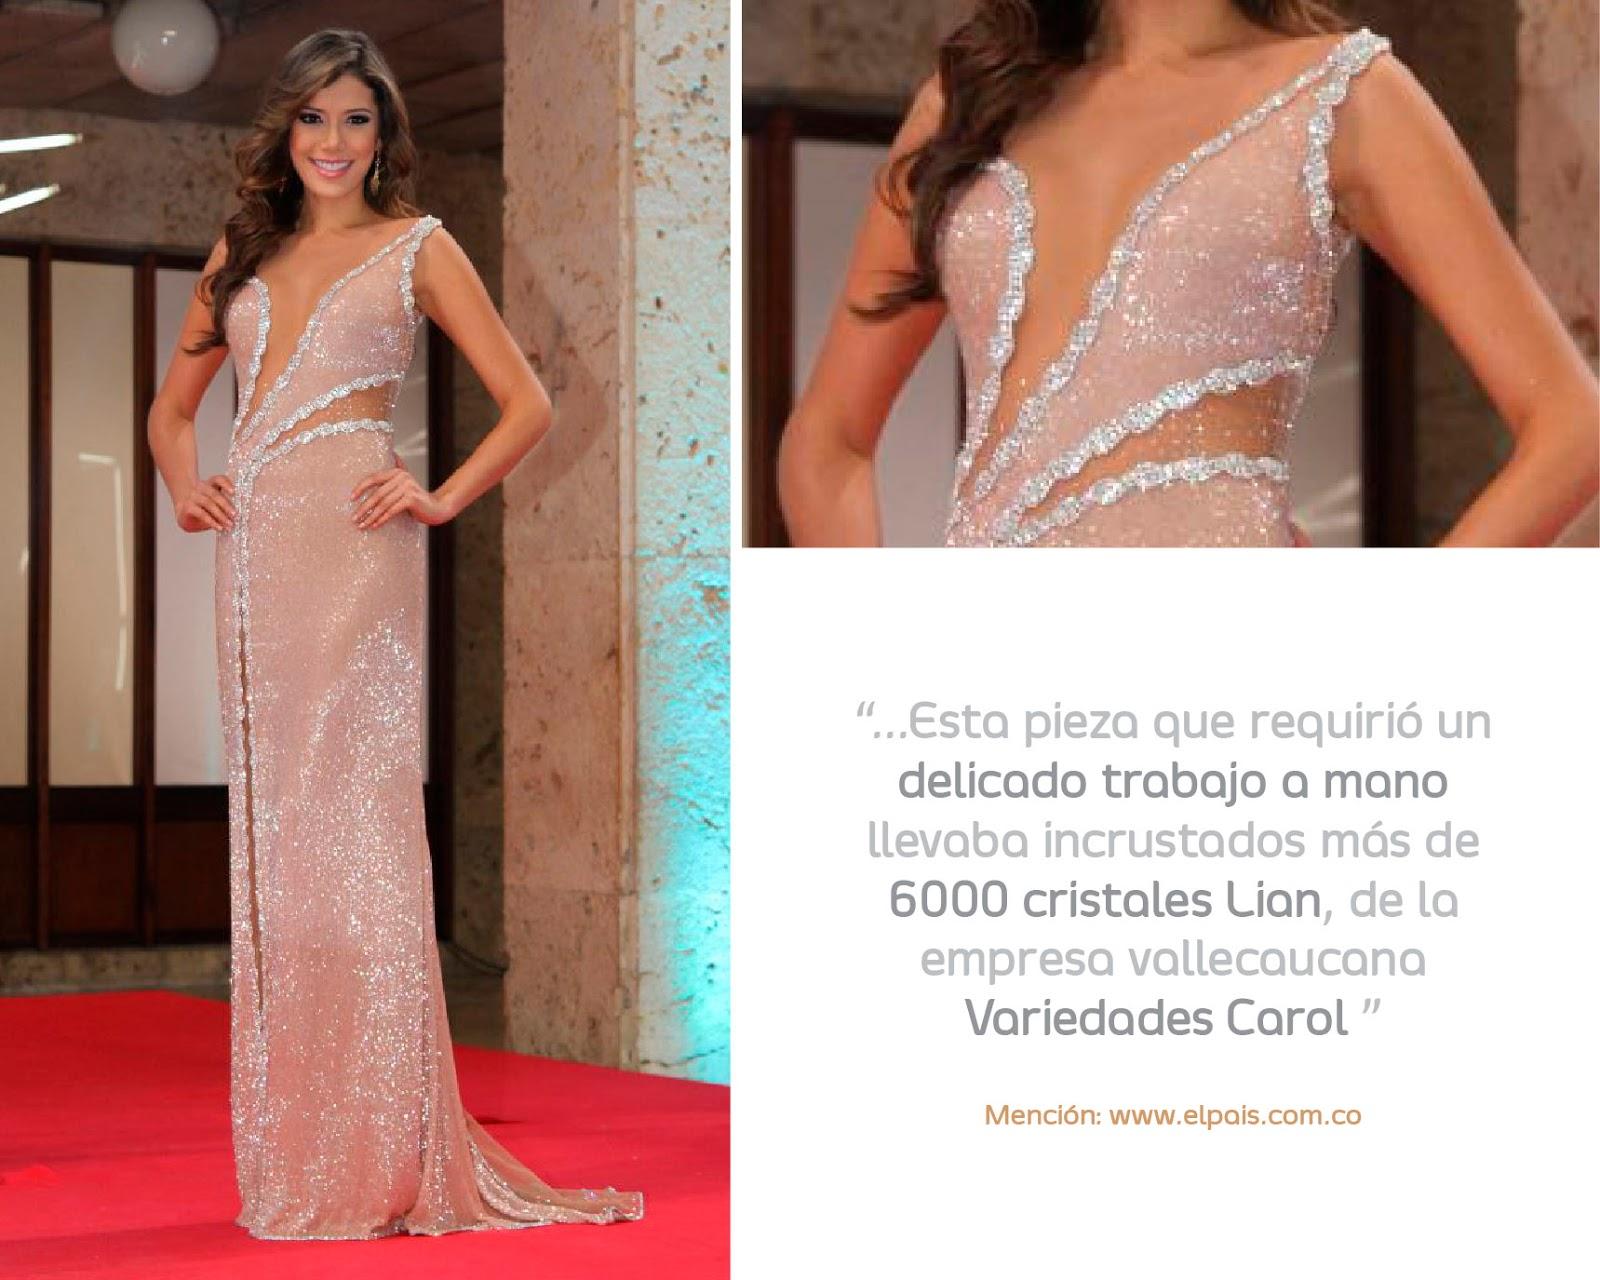 http://www.elpais.com.co/elpais/entretenimiento/noticias/senorita-choco-nueva-soberana-belleza-colombia